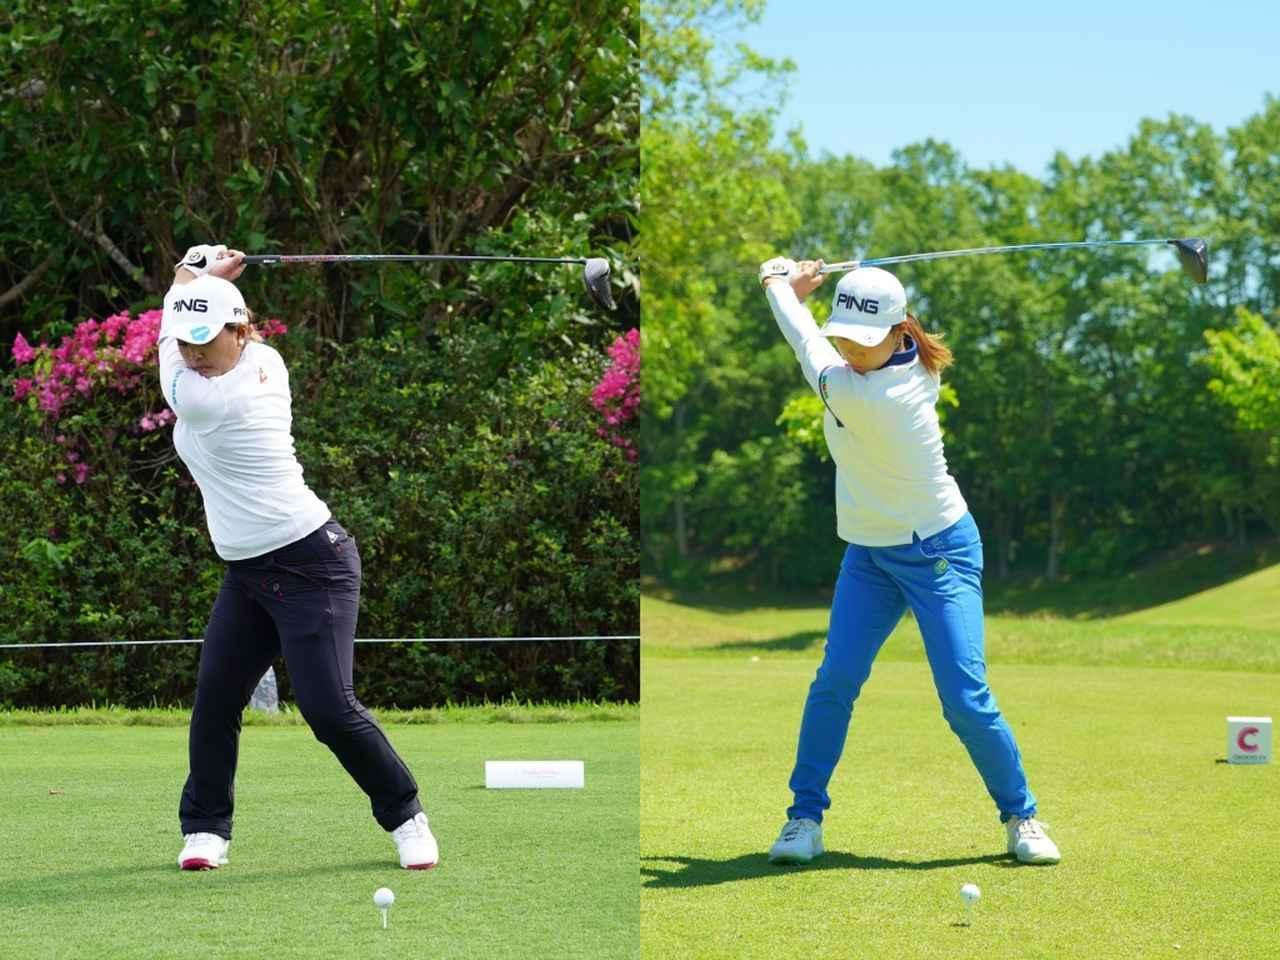 画像: ピンの契約選手の鈴木愛(左)と渋野日向子(右)。スクェアグリップでトップではフェースが斜めを向く鈴木に対し、渋野はフックグリップに握りトップでフェースは空を向く